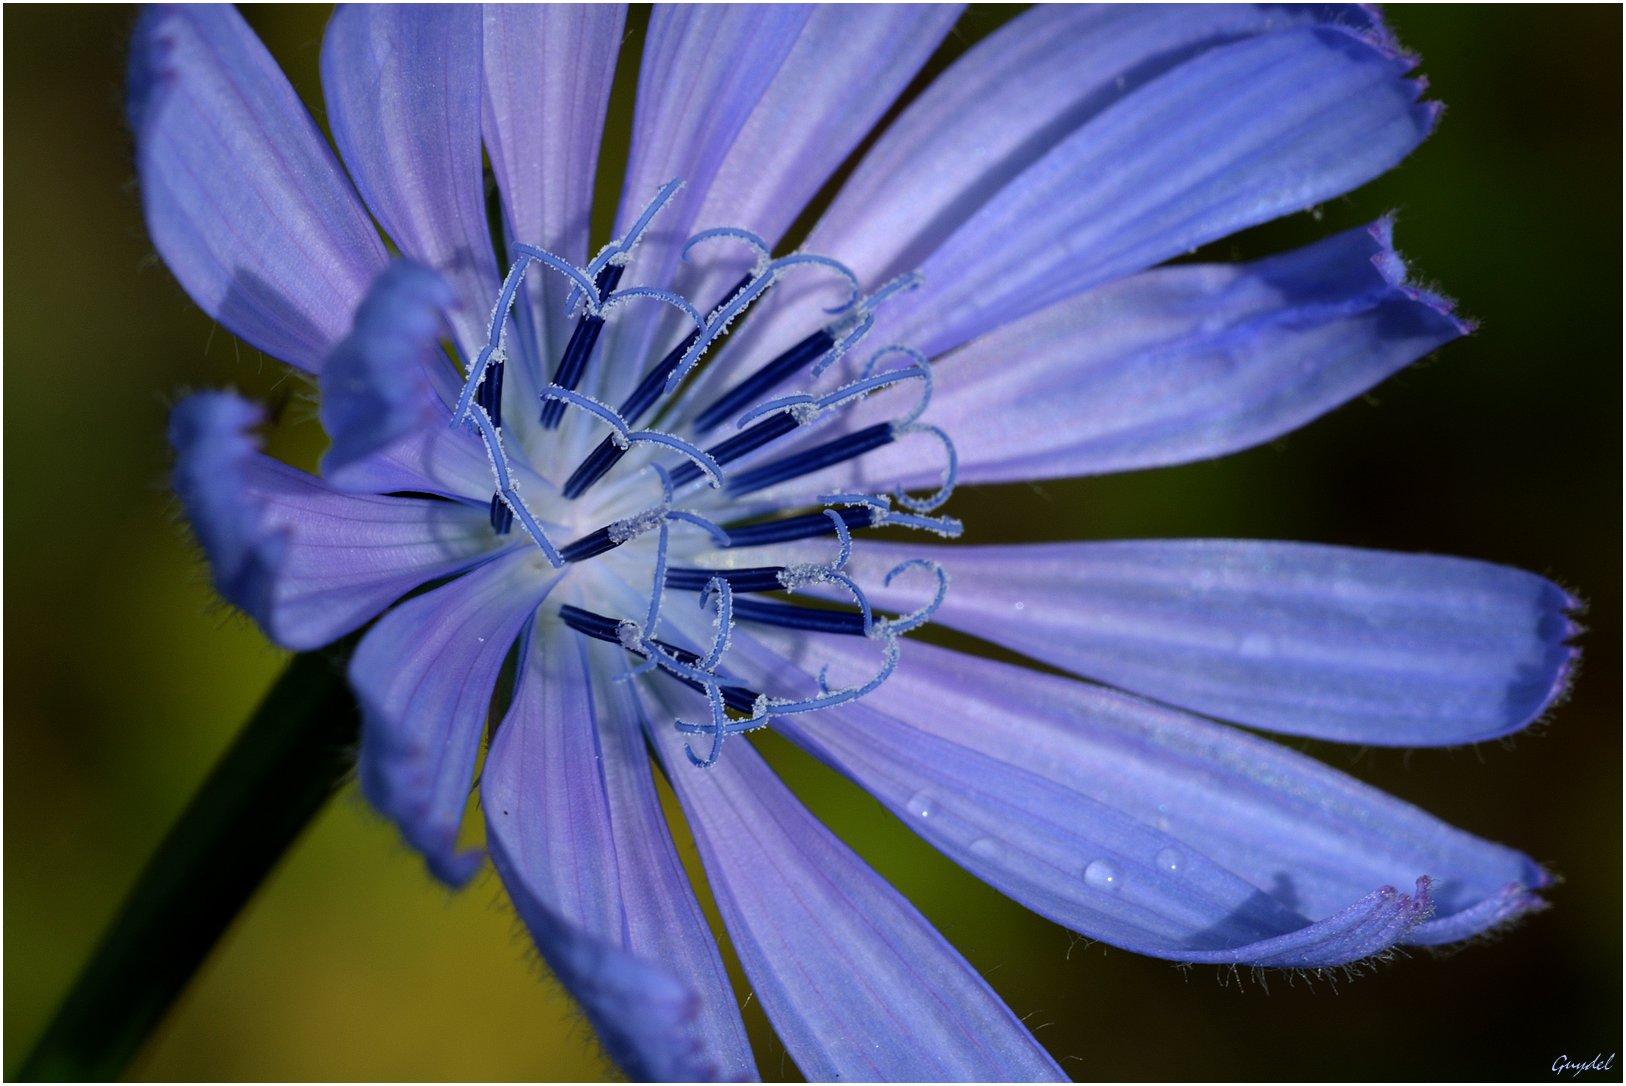 Les nanotubes de la fleur de chicorée sauvage